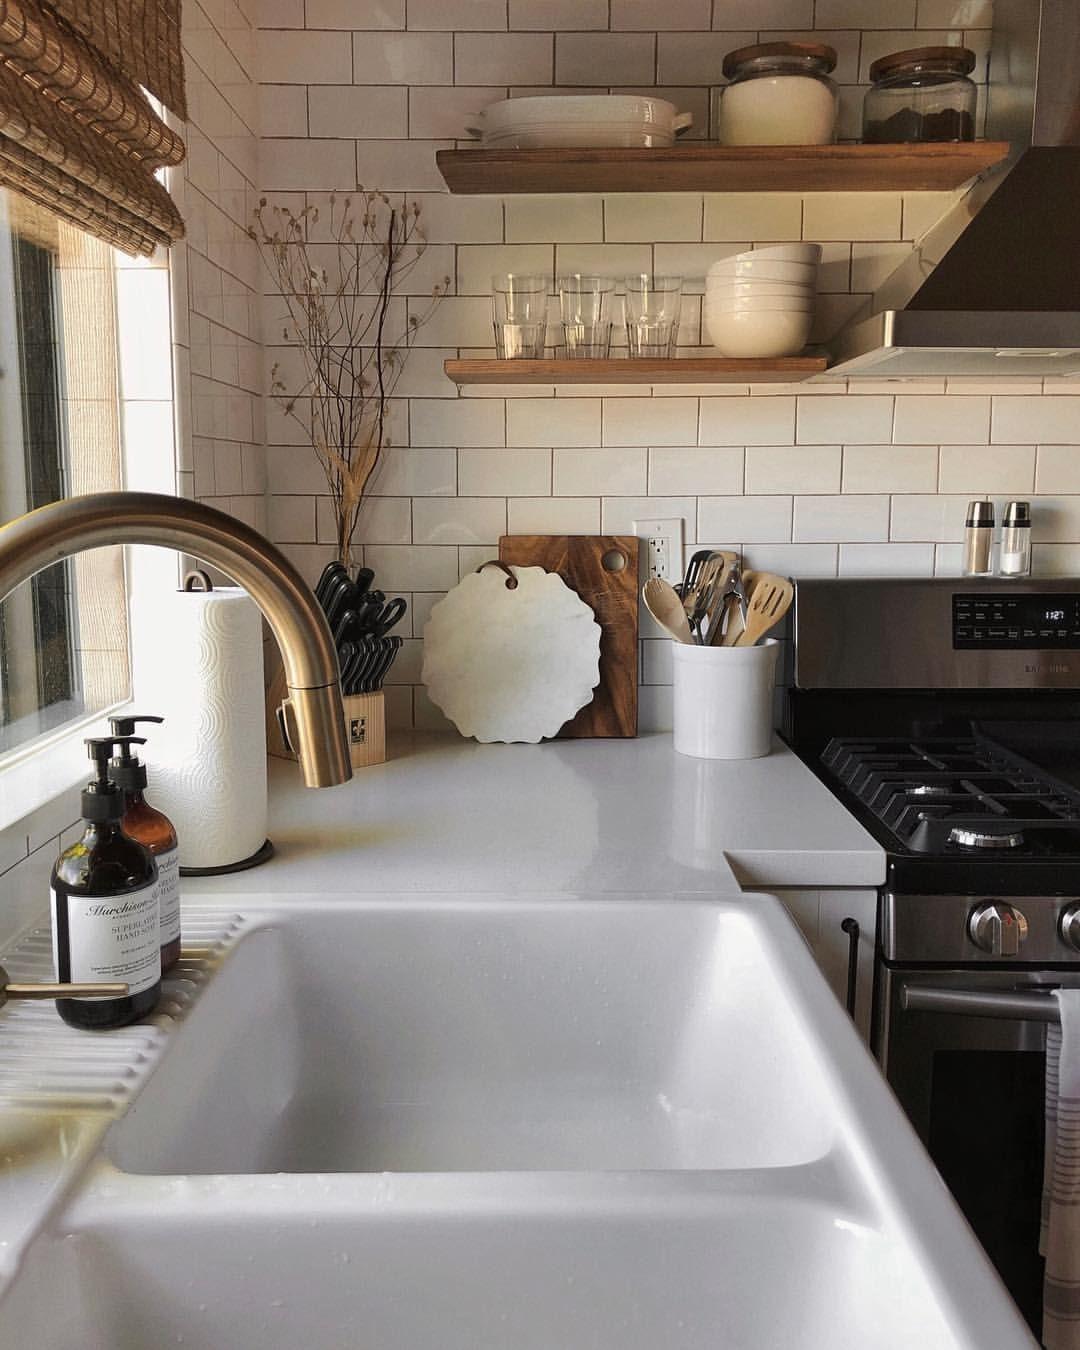 More Ideas Below Kitchenideas Kitchensink Copper Corner Kitchen Sink Layout Ideas Undermount Cor Corner Sink Kitchen Kitchen Inspirations Kitchen Renovation